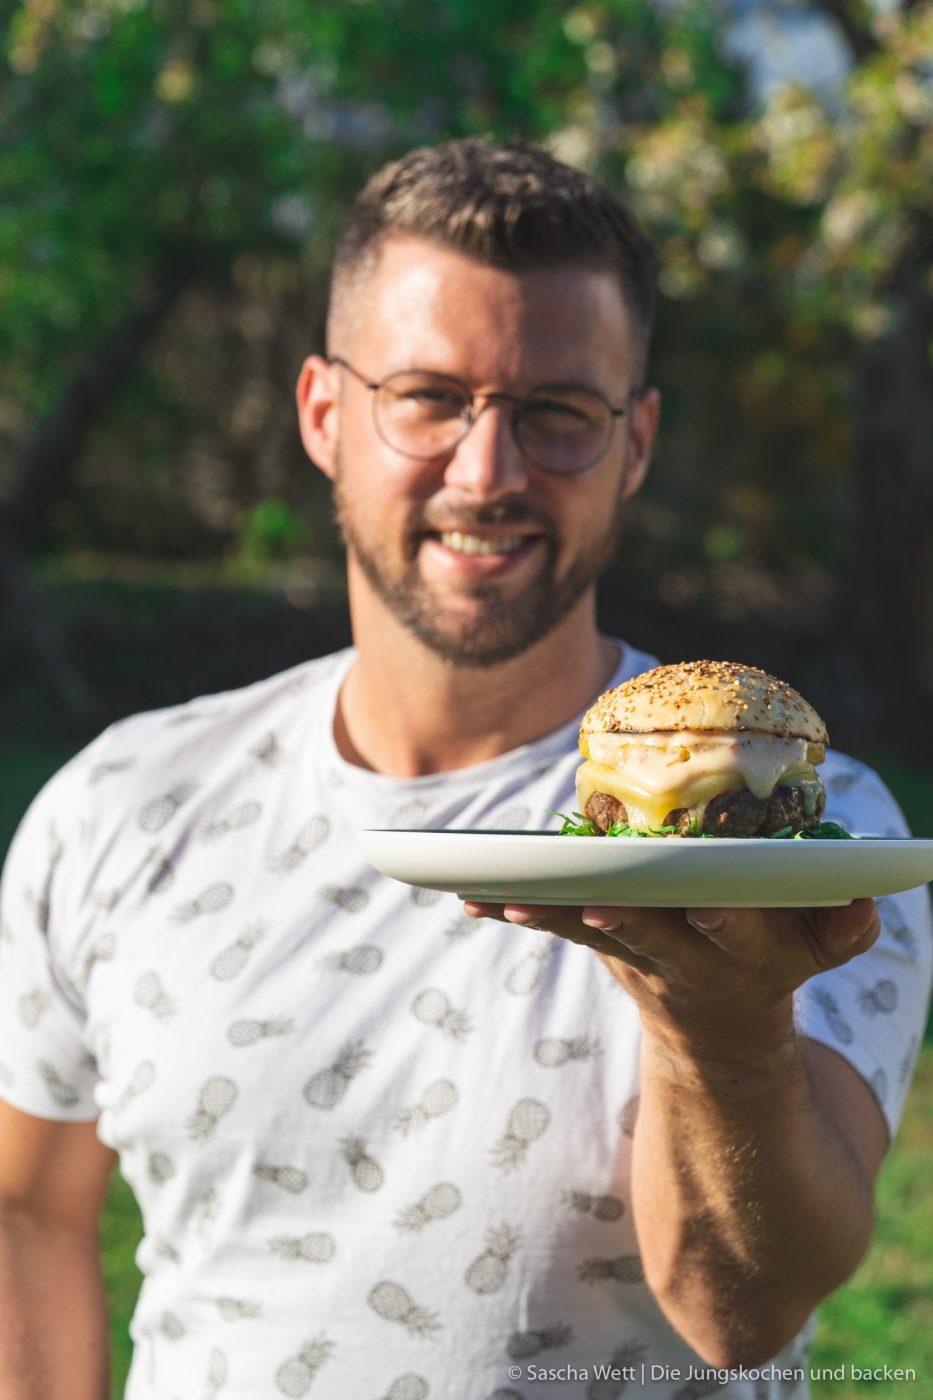 Vintage Cheddar Burger kerrygold 18 | Wir melden uns heute nach den erholsamen Ostertagen wieder mit einem neuen Rezept zurück. Denn auch wenn ihr bestimmt alle mit euren Familien und euren Freunden ein paar leckere Tage verbracht habt, wollen wir euch gleich wieder neue Ideen für danach mit auf den Weg geben. Und dieses Mal auch gleich mit einem yummy Cheeseburger, den wir am Ostersamstag bei den Eltern von Sascha gegrillt haben. Aber nicht einfach irgendein Cheeseburger - ein Cheeseburger mit gegrillter Ananas und Vintage Cheddar!